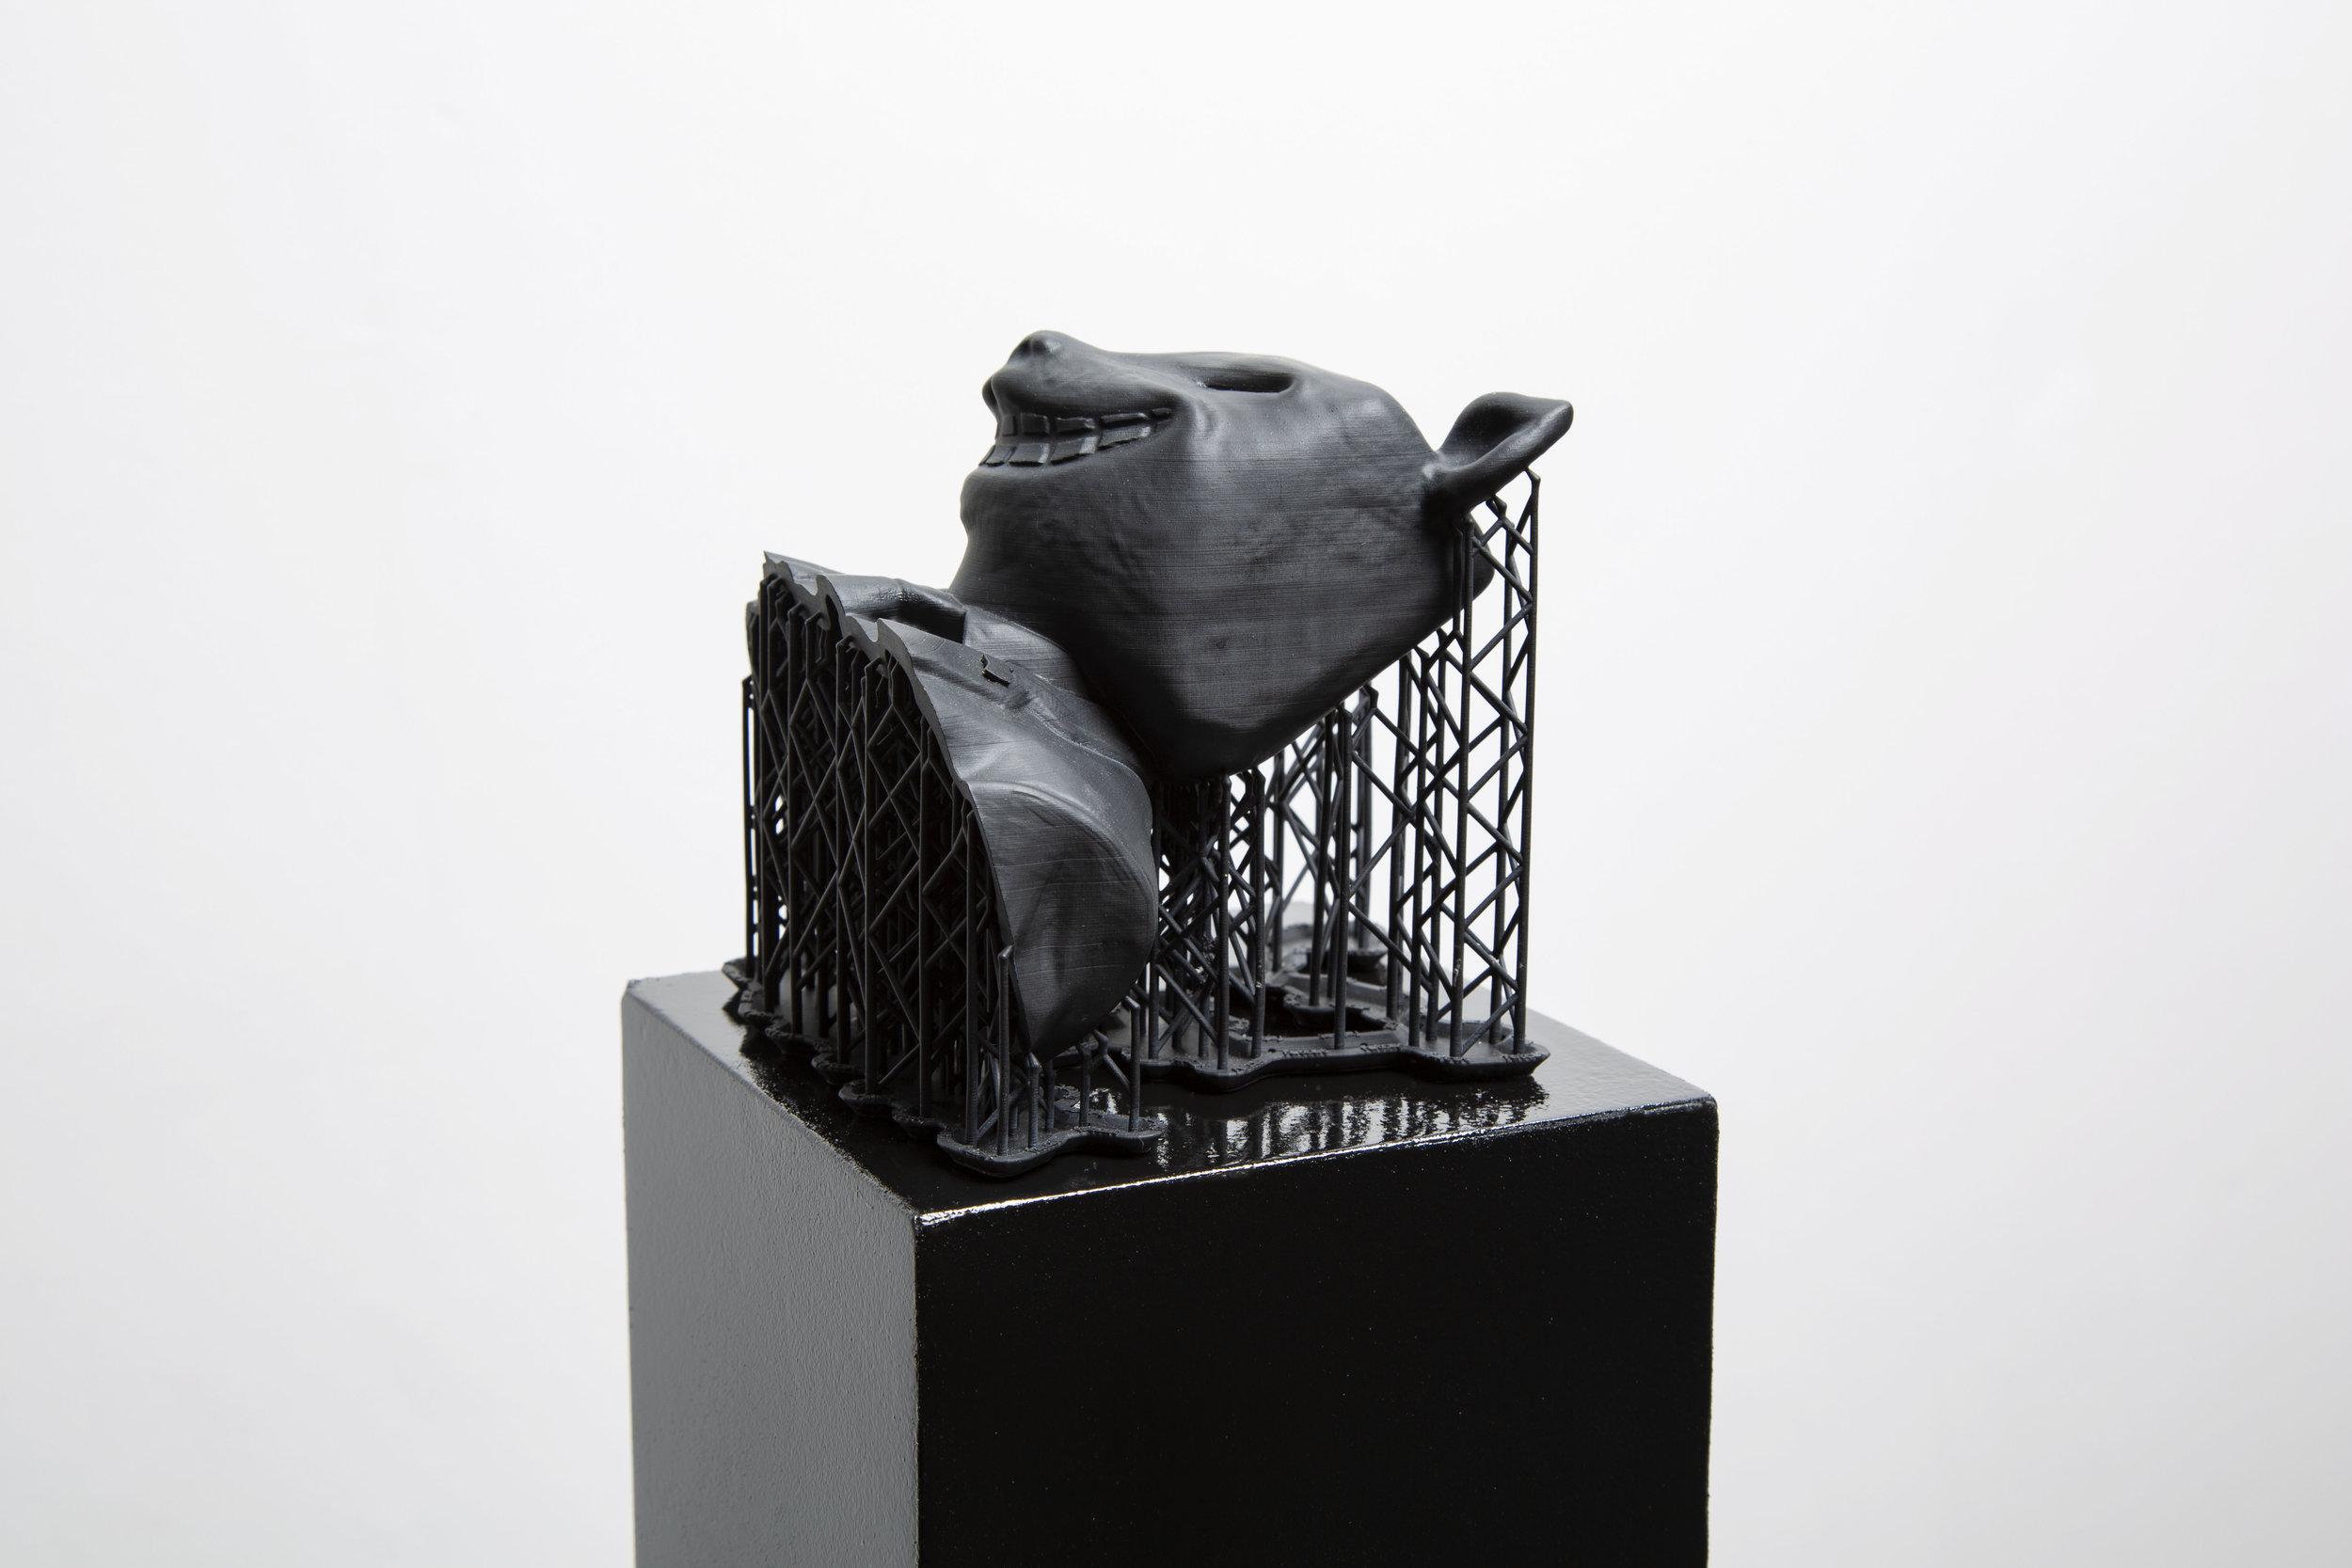 Structures of Cat-italism, 2019